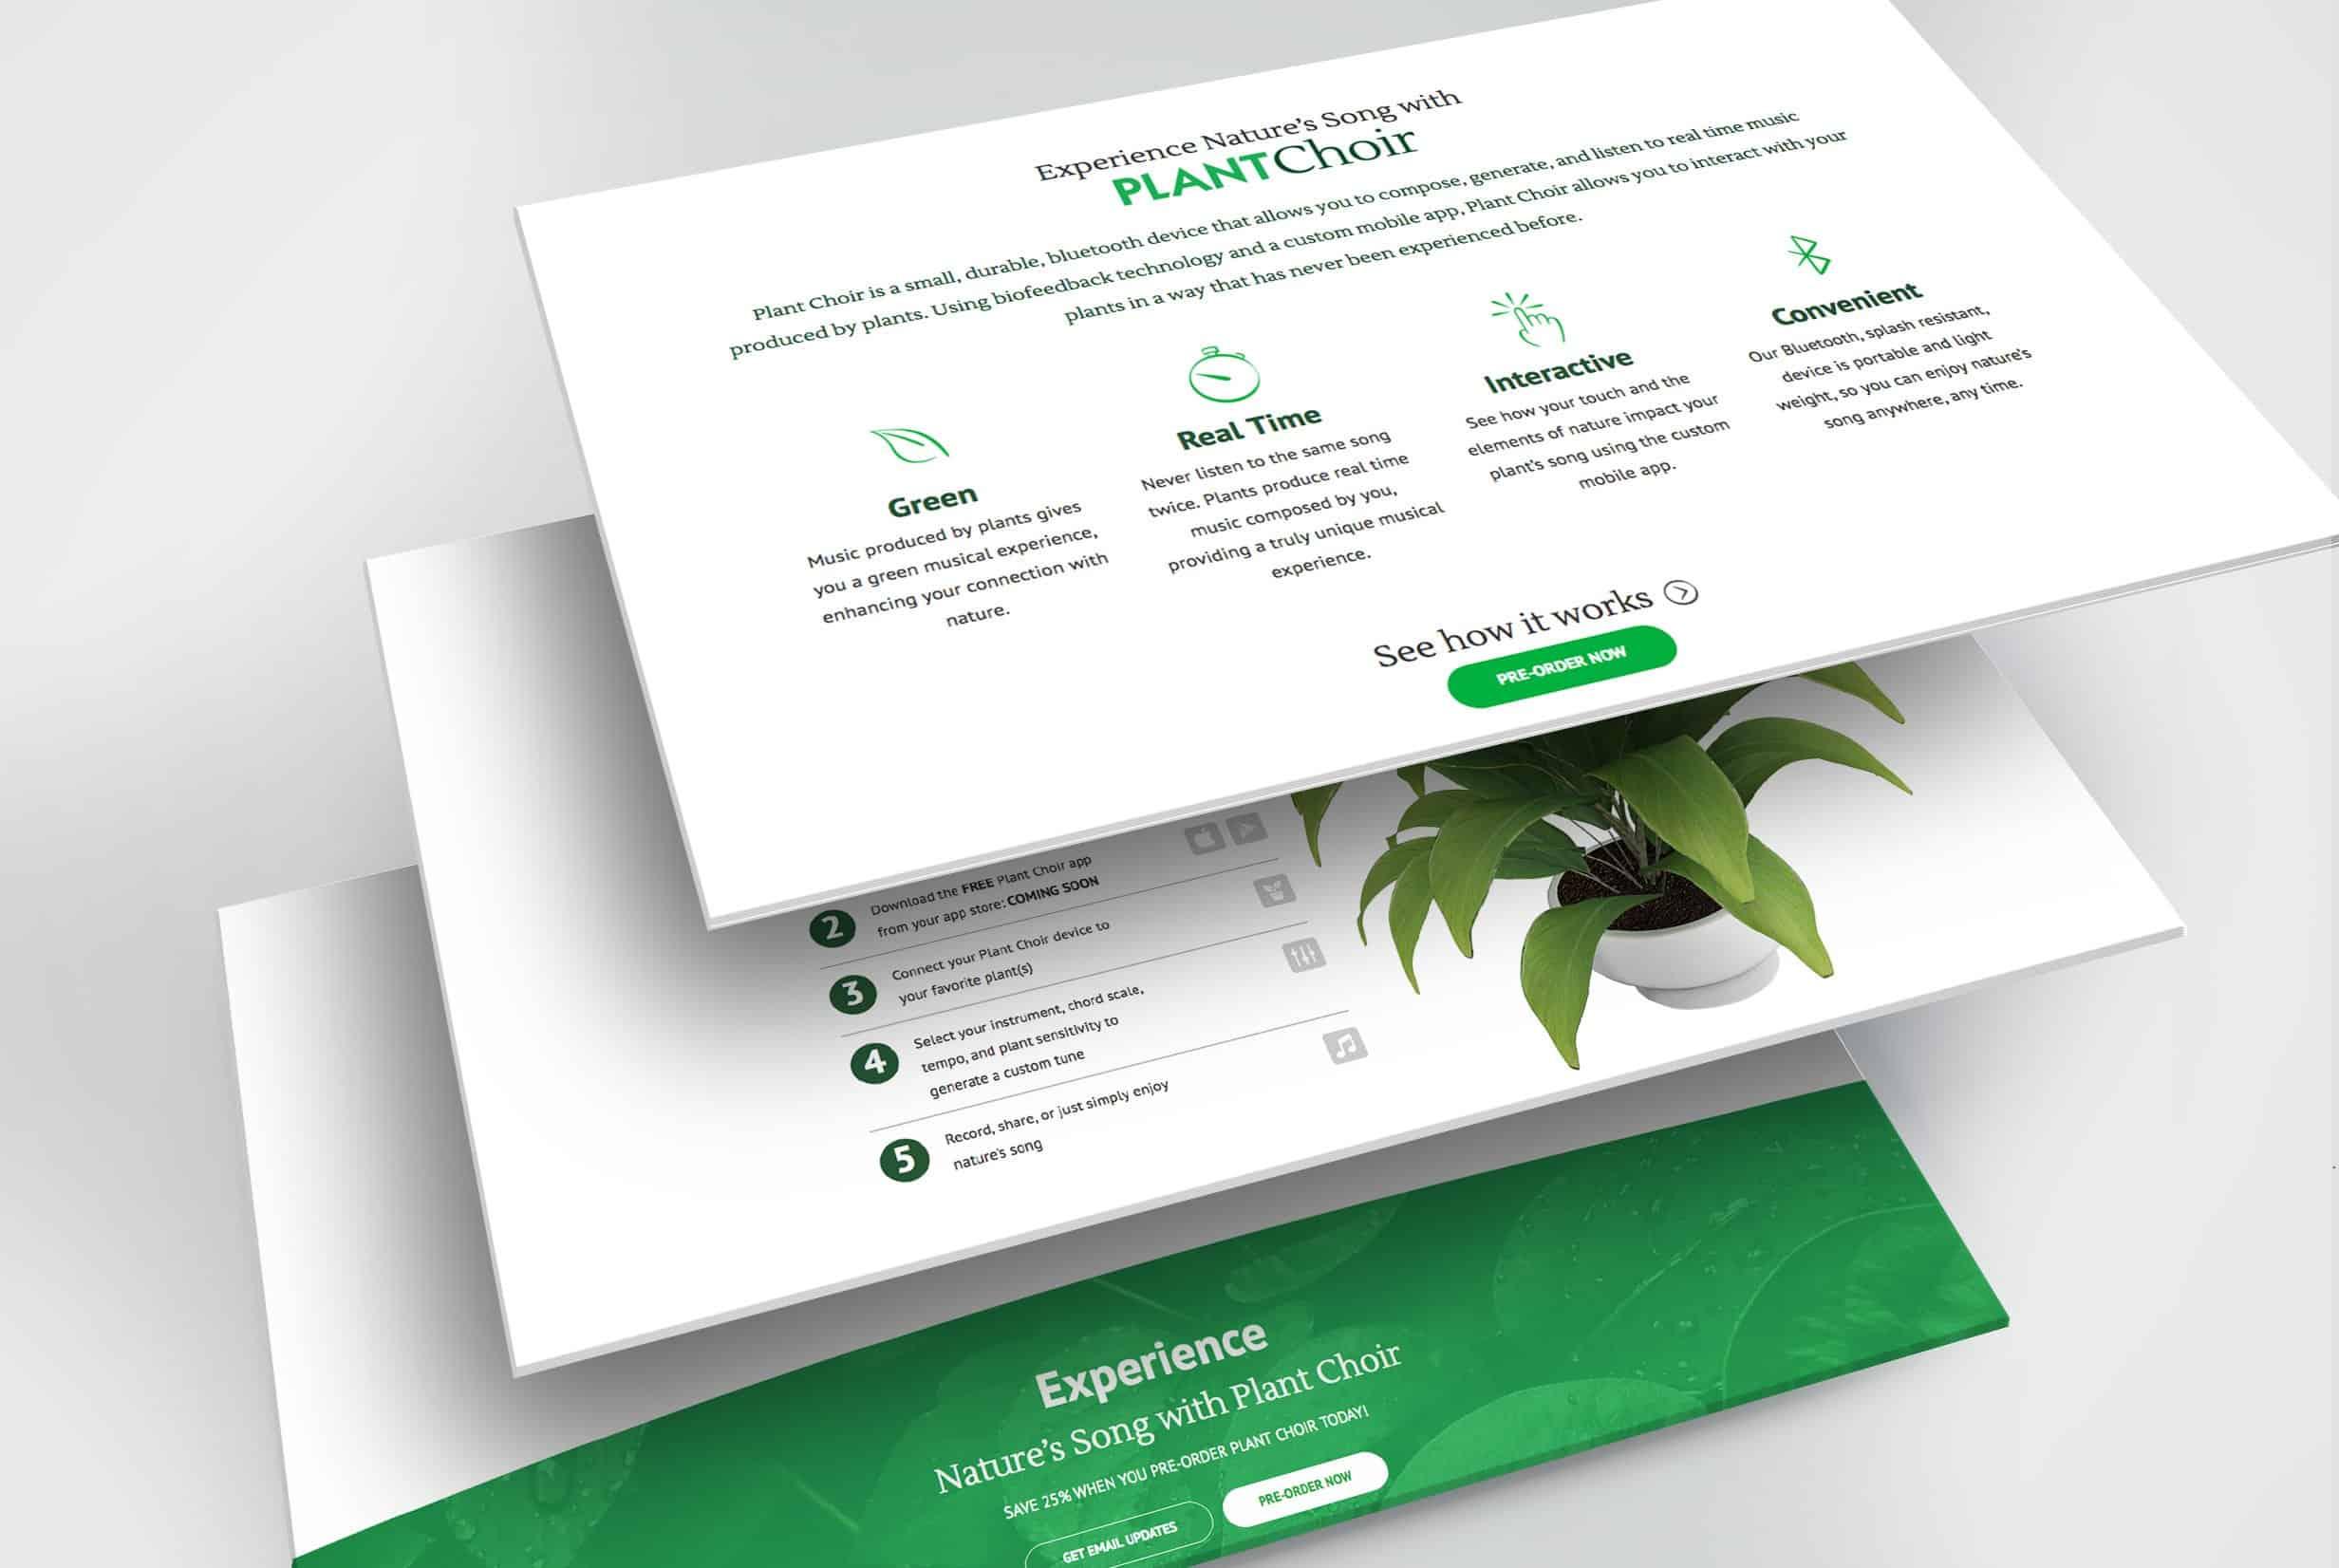 plantchoir-web-design-mobile-responsive-2